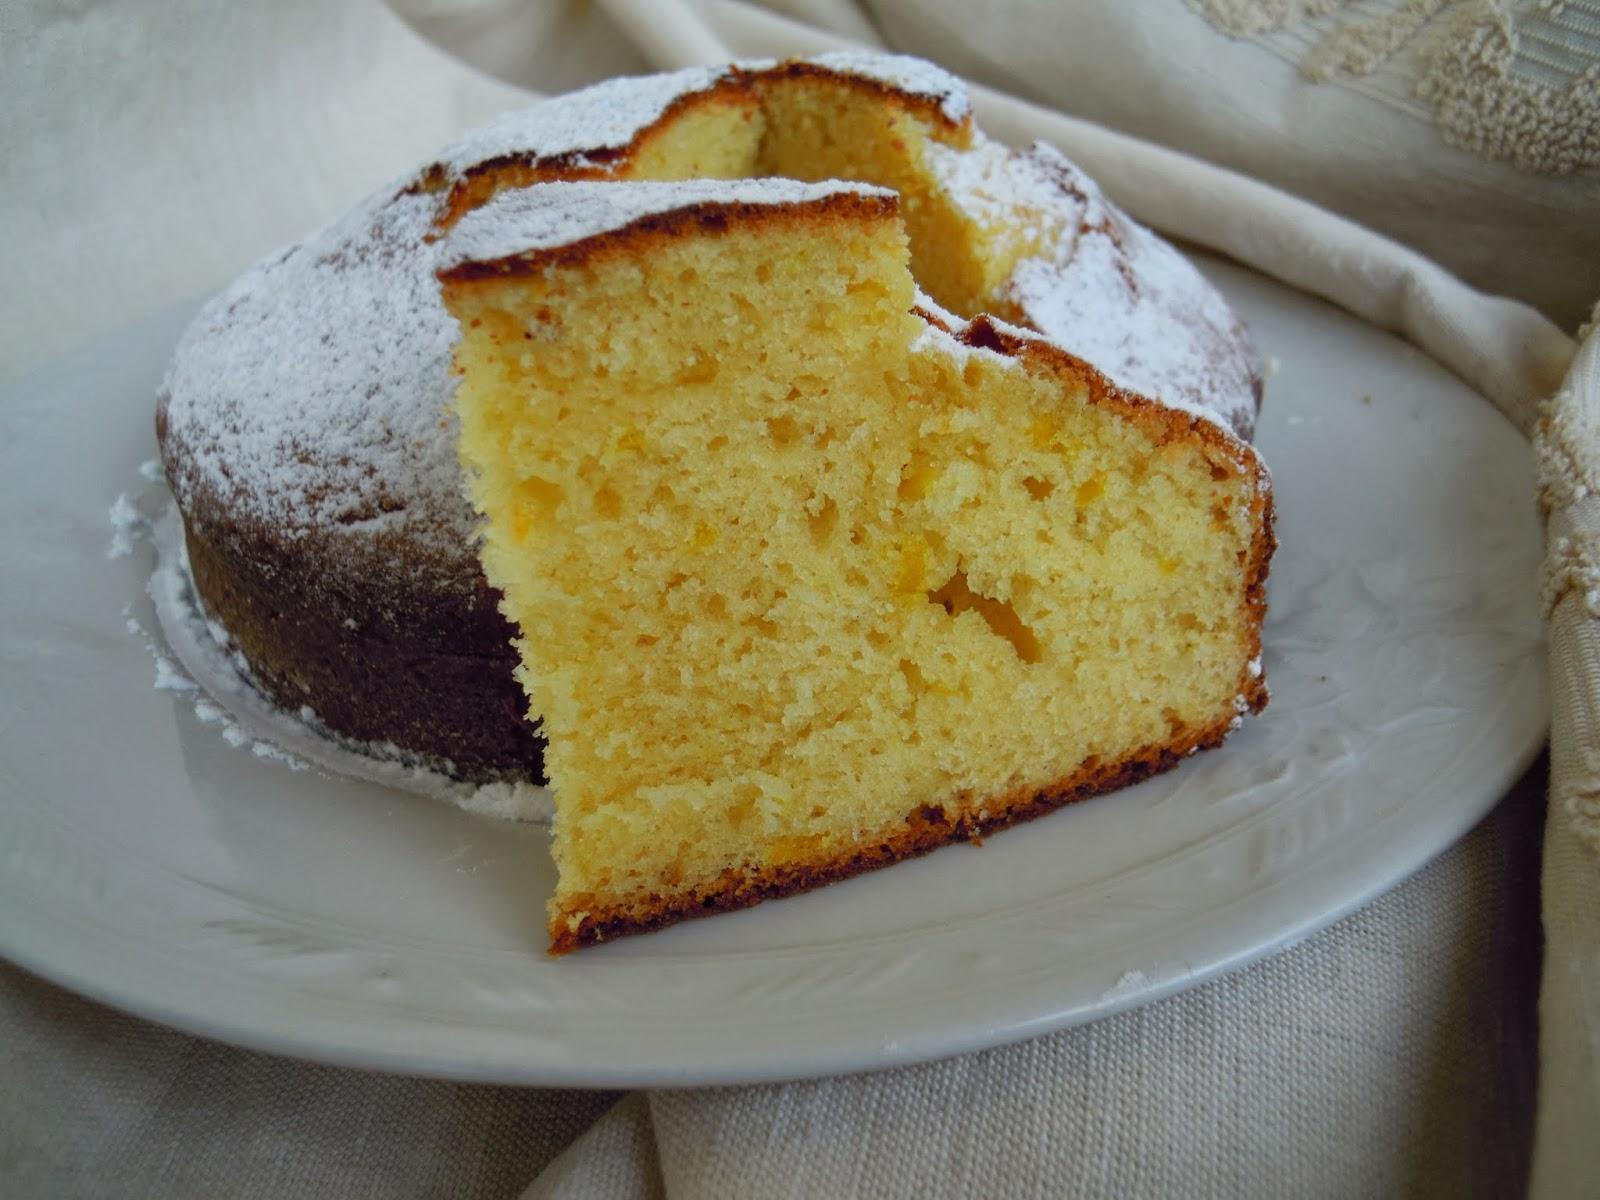 http://cresciutiapastasciutta.blogspot.it/2013/12/torta-di-ricotta-della-nonna-emi.html